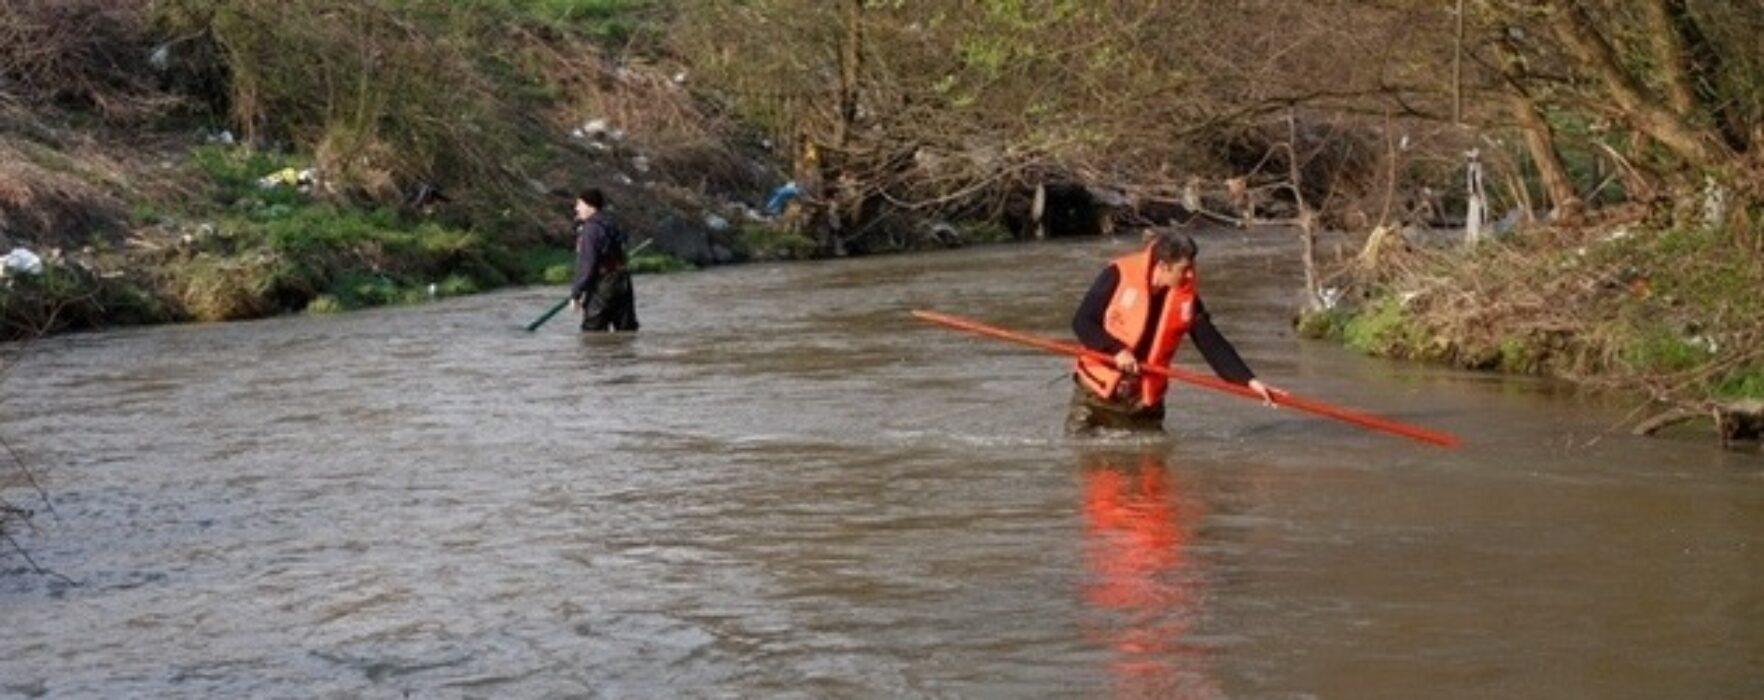 Corpul fetiţei înecată în râul Ialomiţa la Pucioasa, găsit după două zile